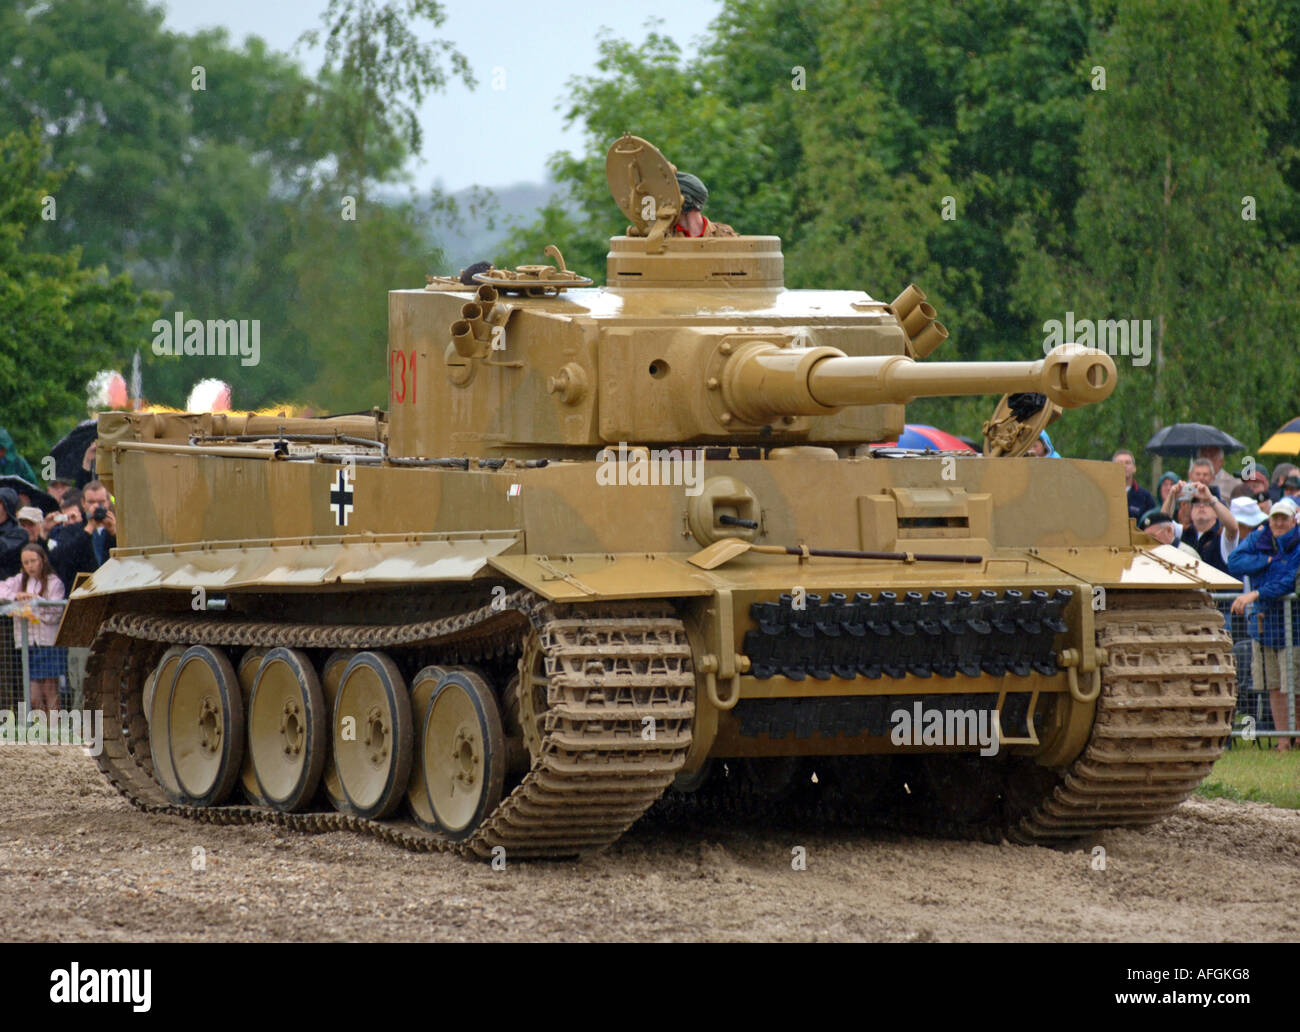 tiger panzer t131 deutsch stockfoto bild 7967303 alamy. Black Bedroom Furniture Sets. Home Design Ideas